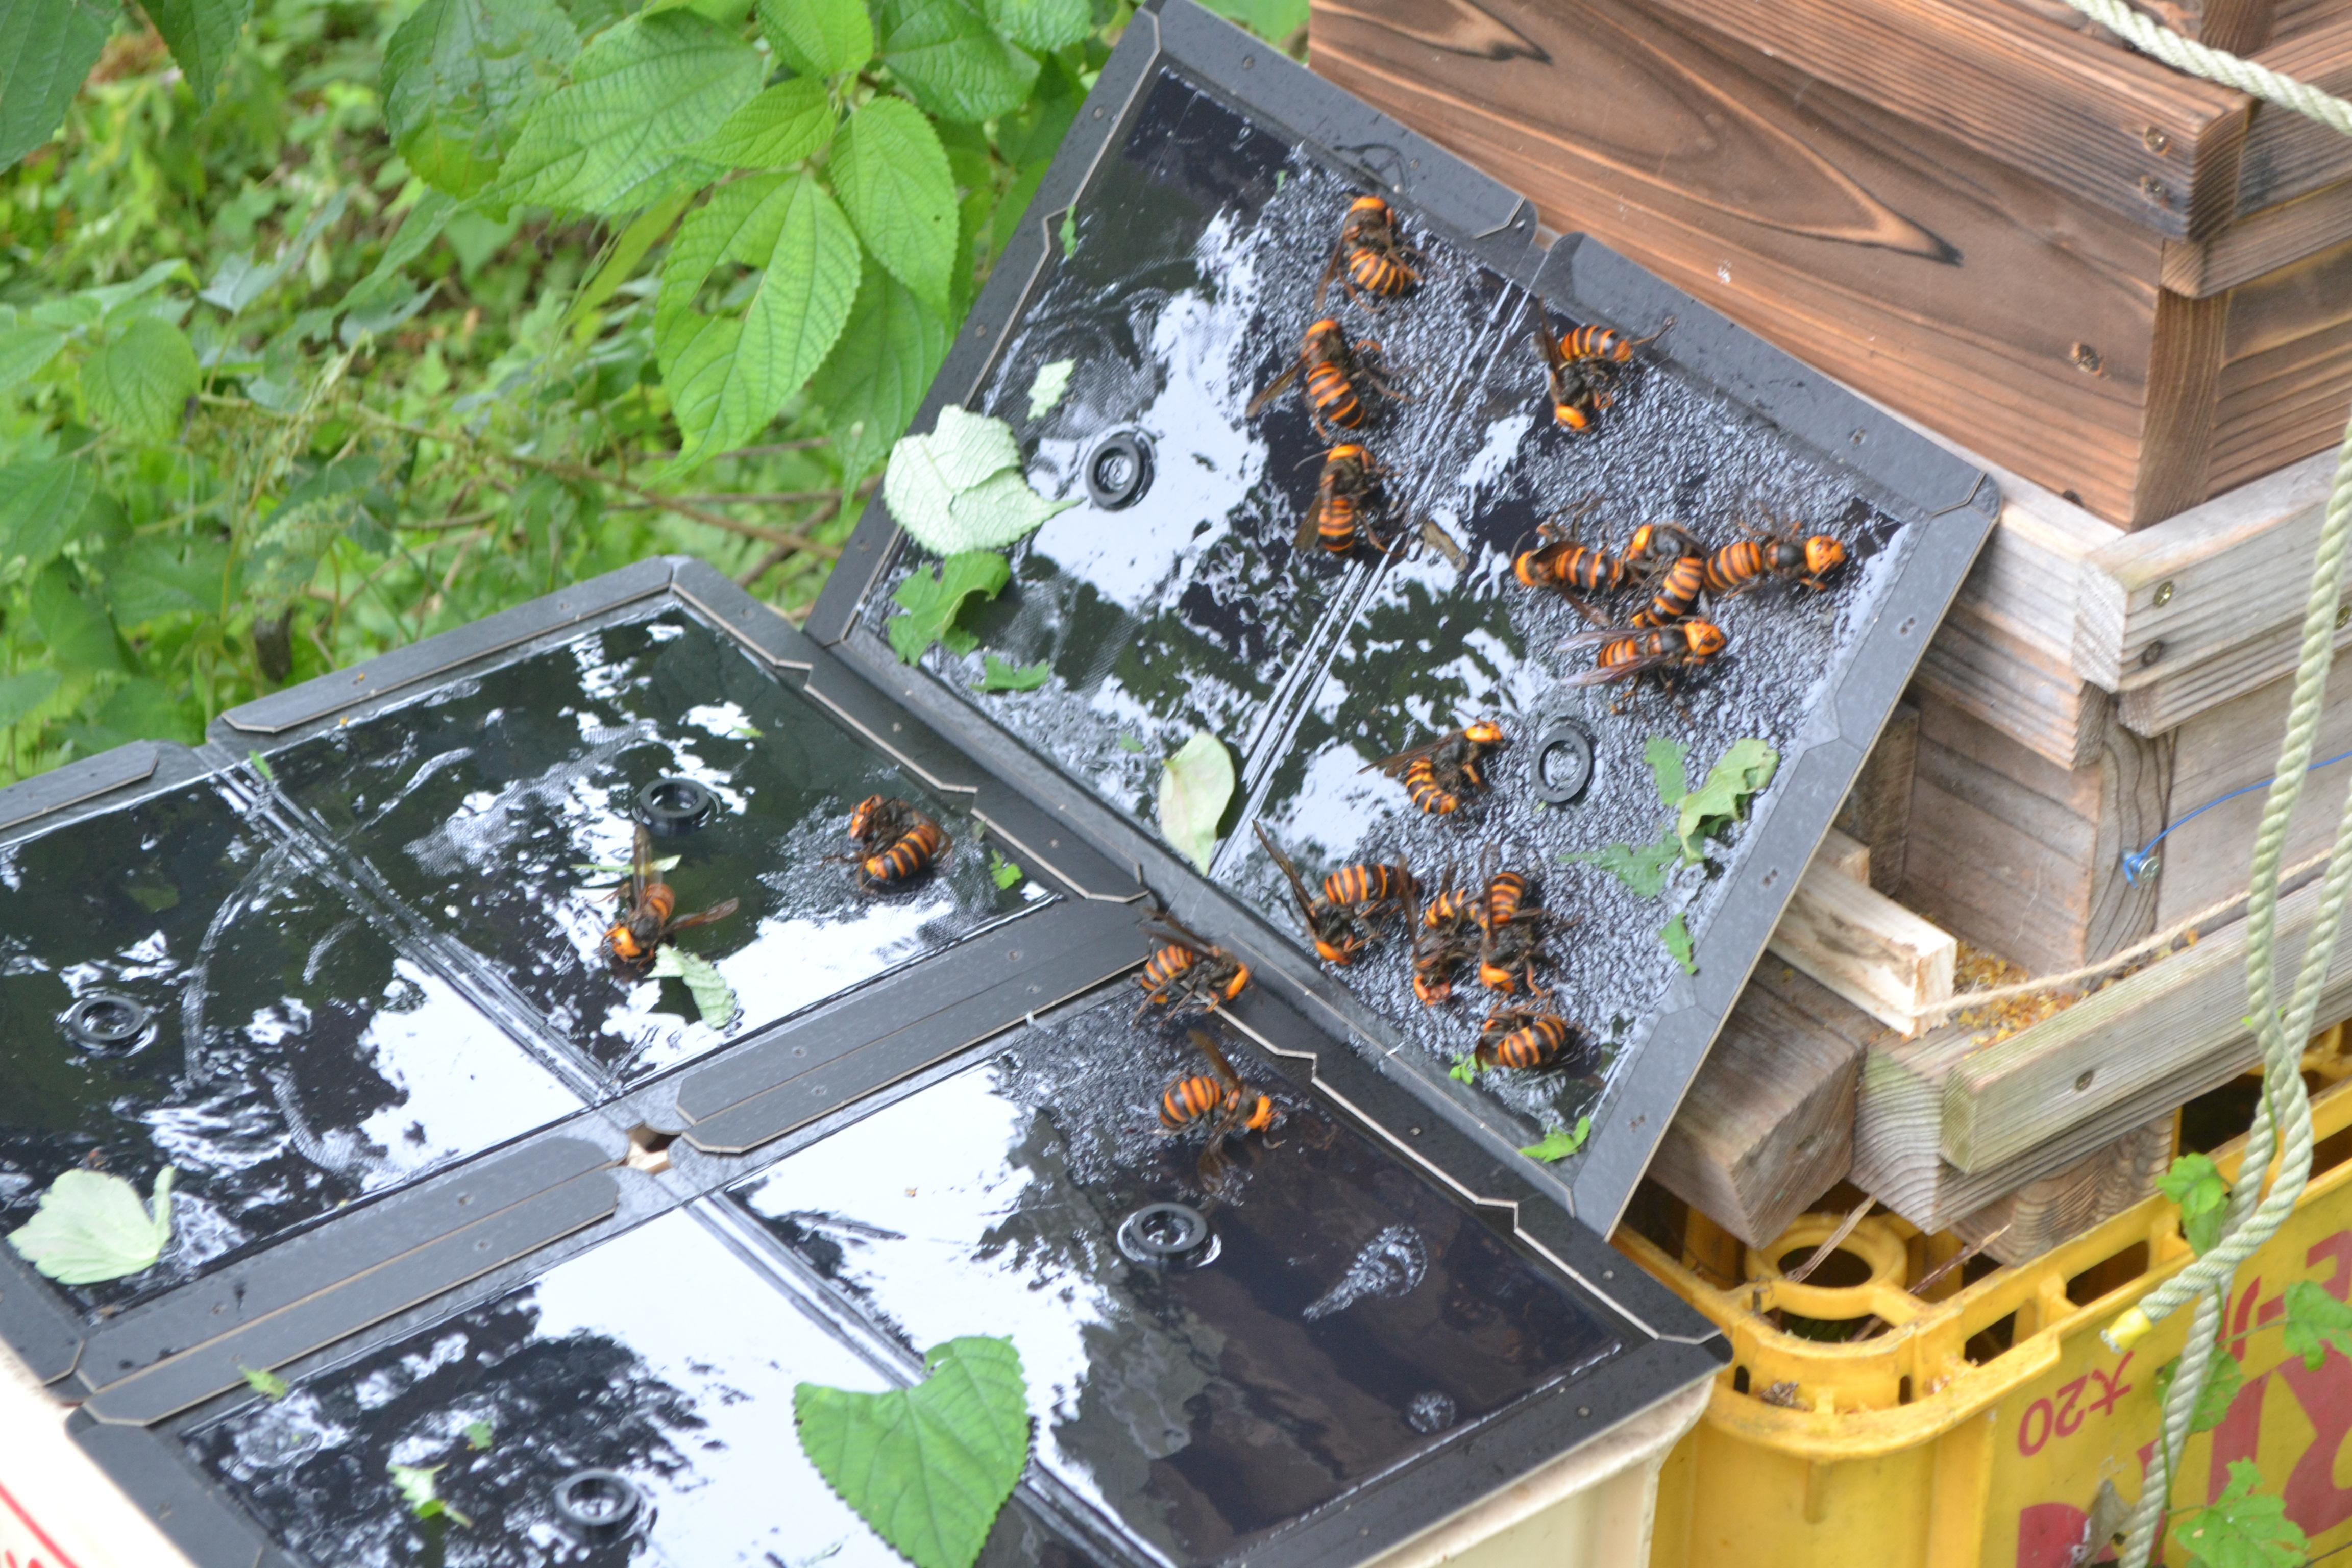 【緊急事態!】日高くるくるねっとの「ニホンミツバチ」が「オオスズメバチ」に襲撃されたようです!